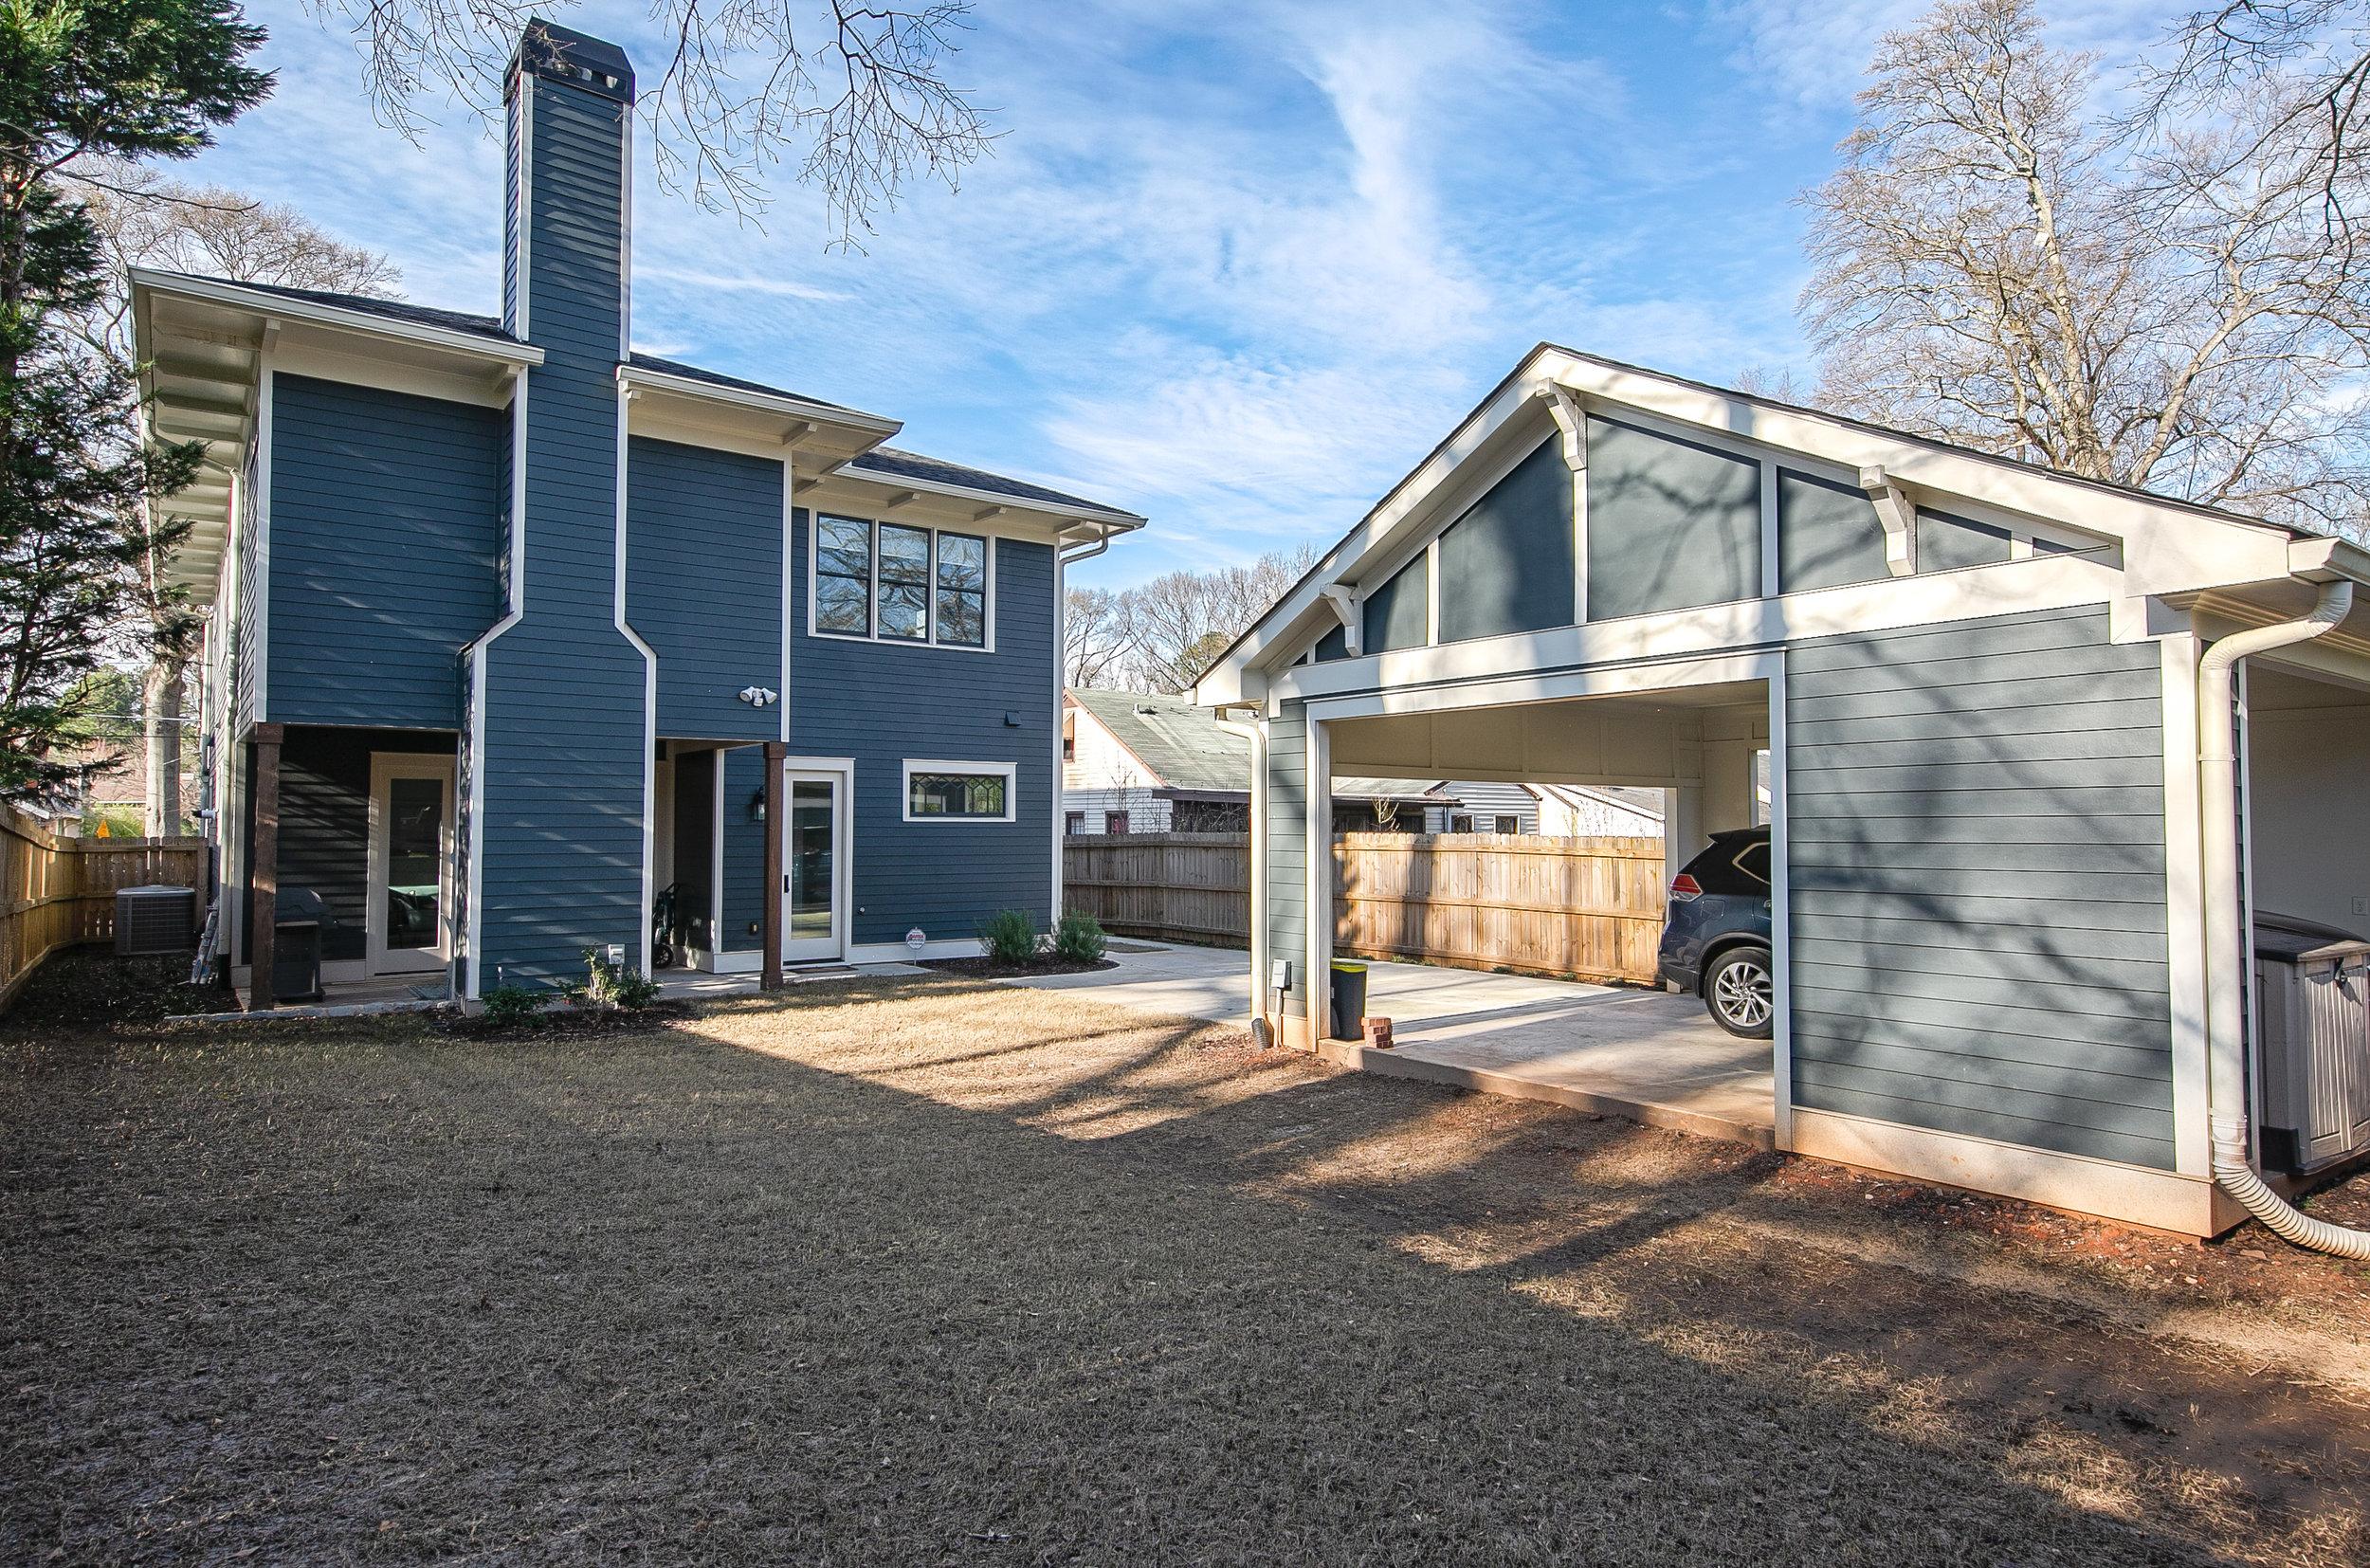 239 Greenwood-Backyard.jpg